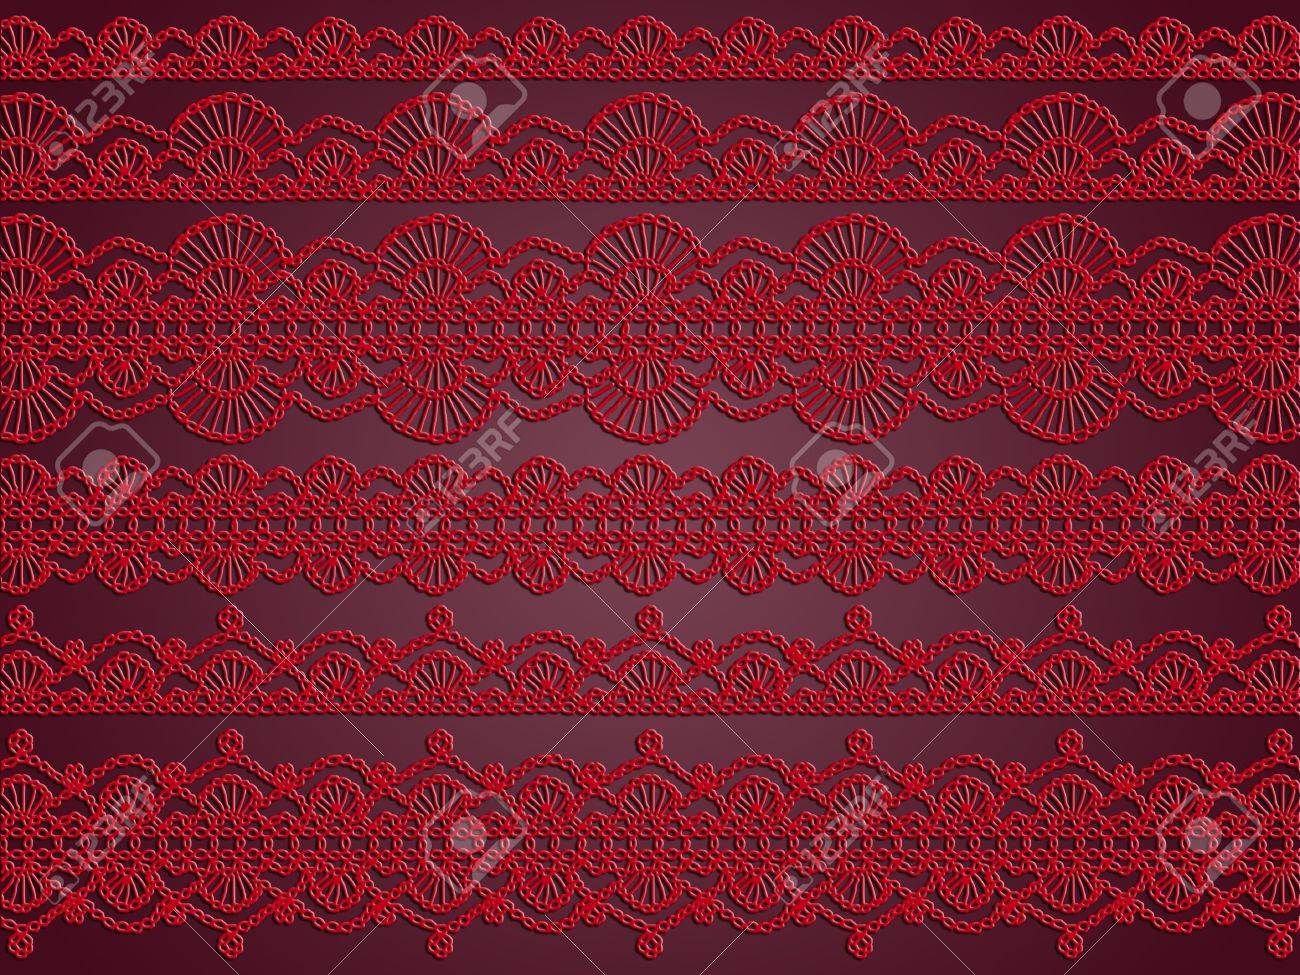 Rouge Et Noir Elegance Pourpre Papier Peint Vintage Romantique